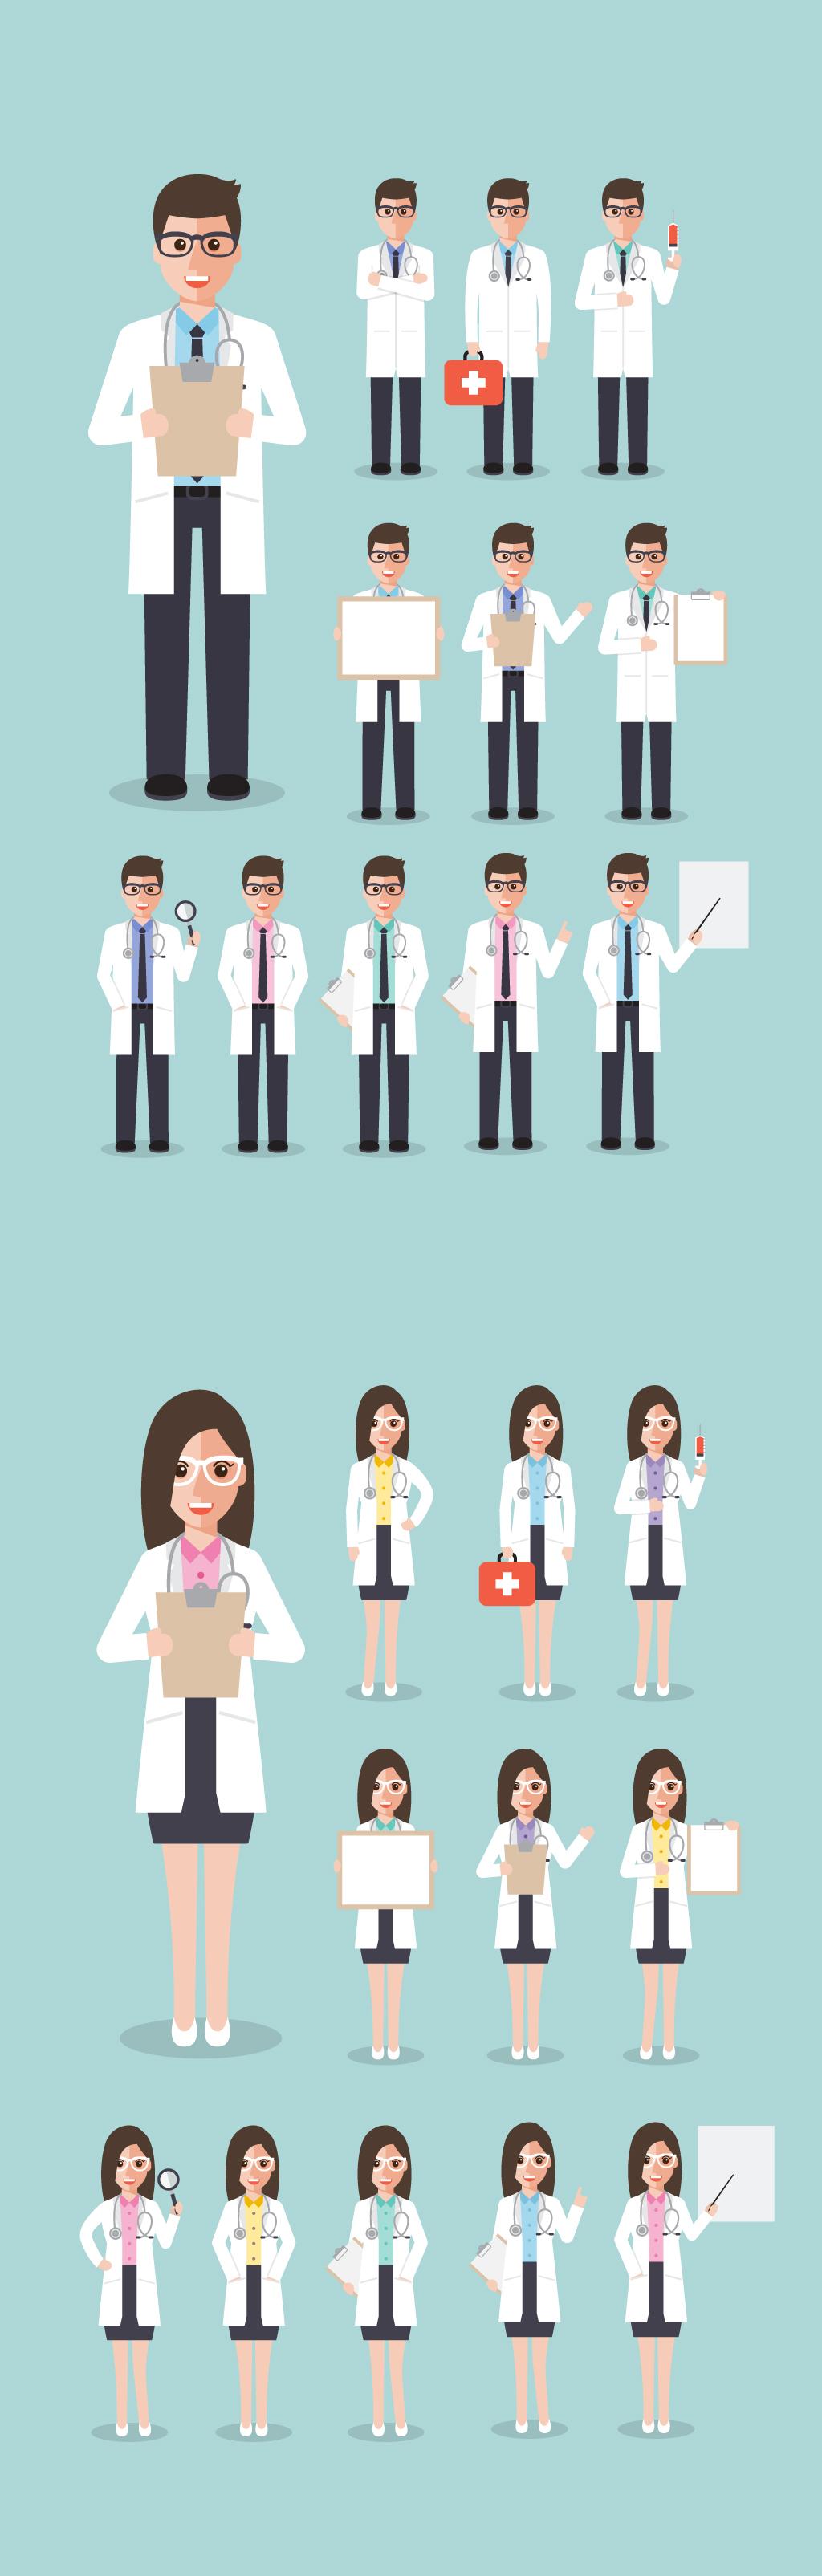 医院场景海报素材动漫人物医疗各种造型医生